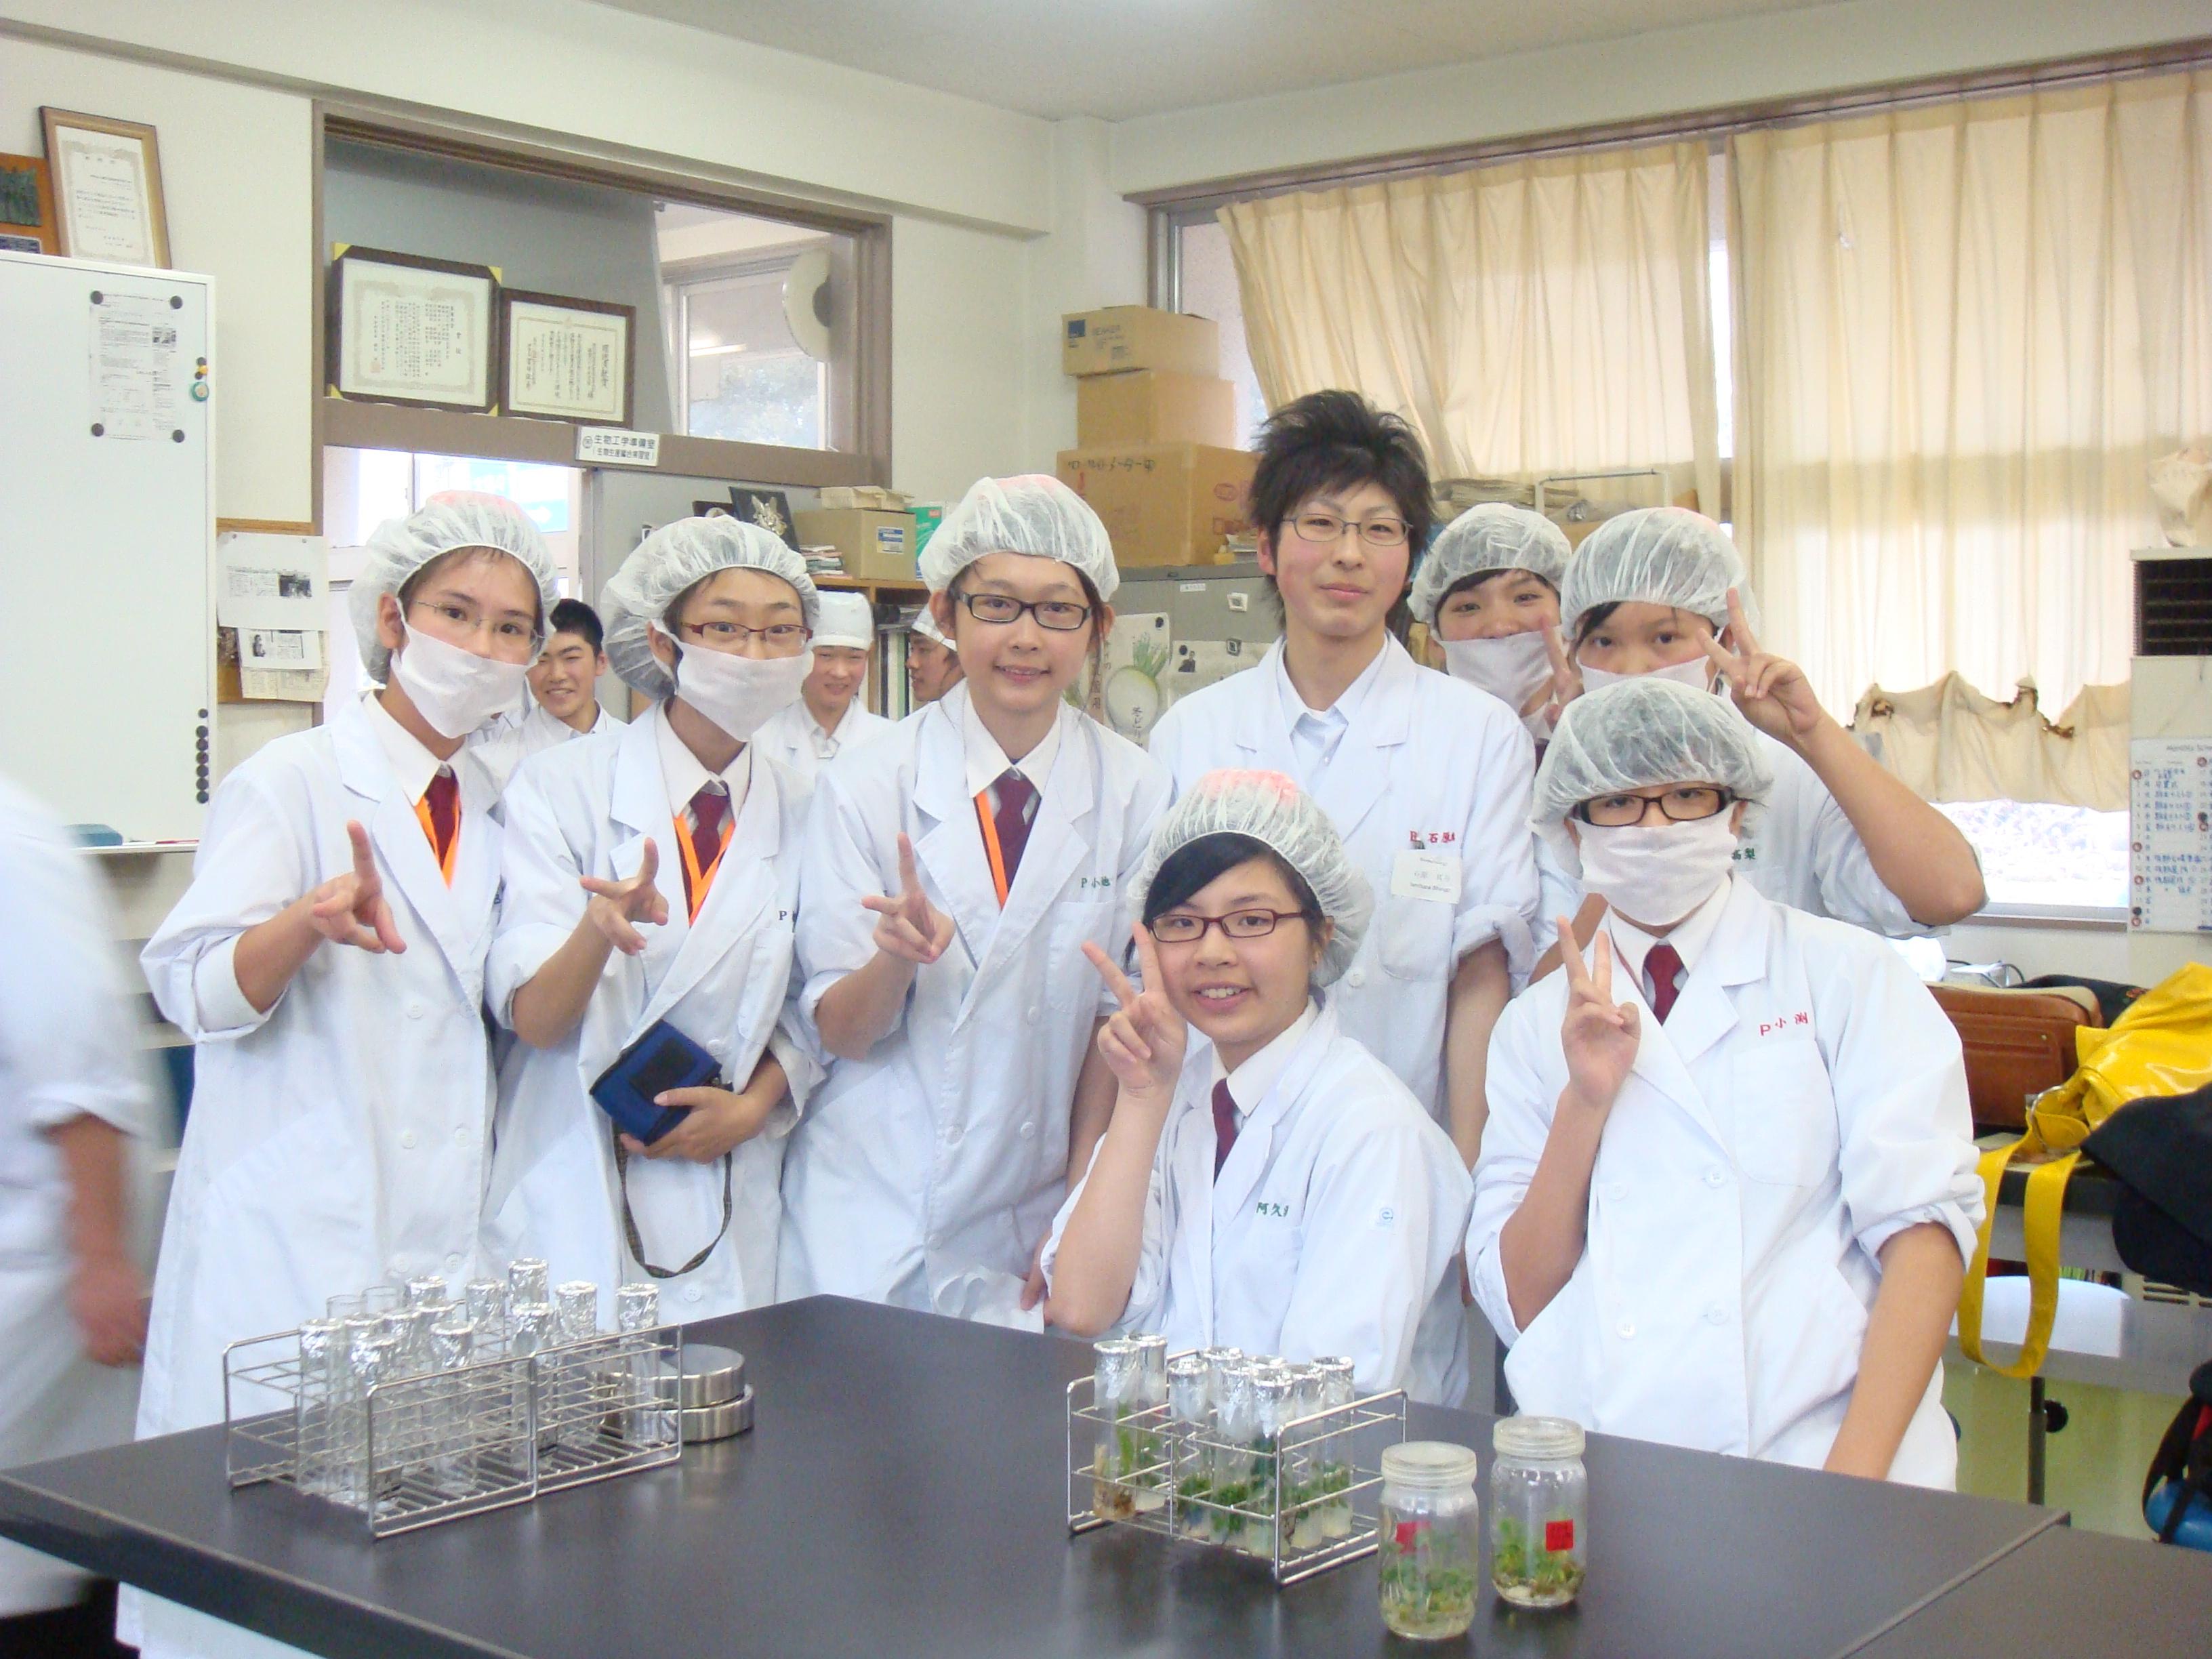 分組活動-地瓜櫻草的增植培養